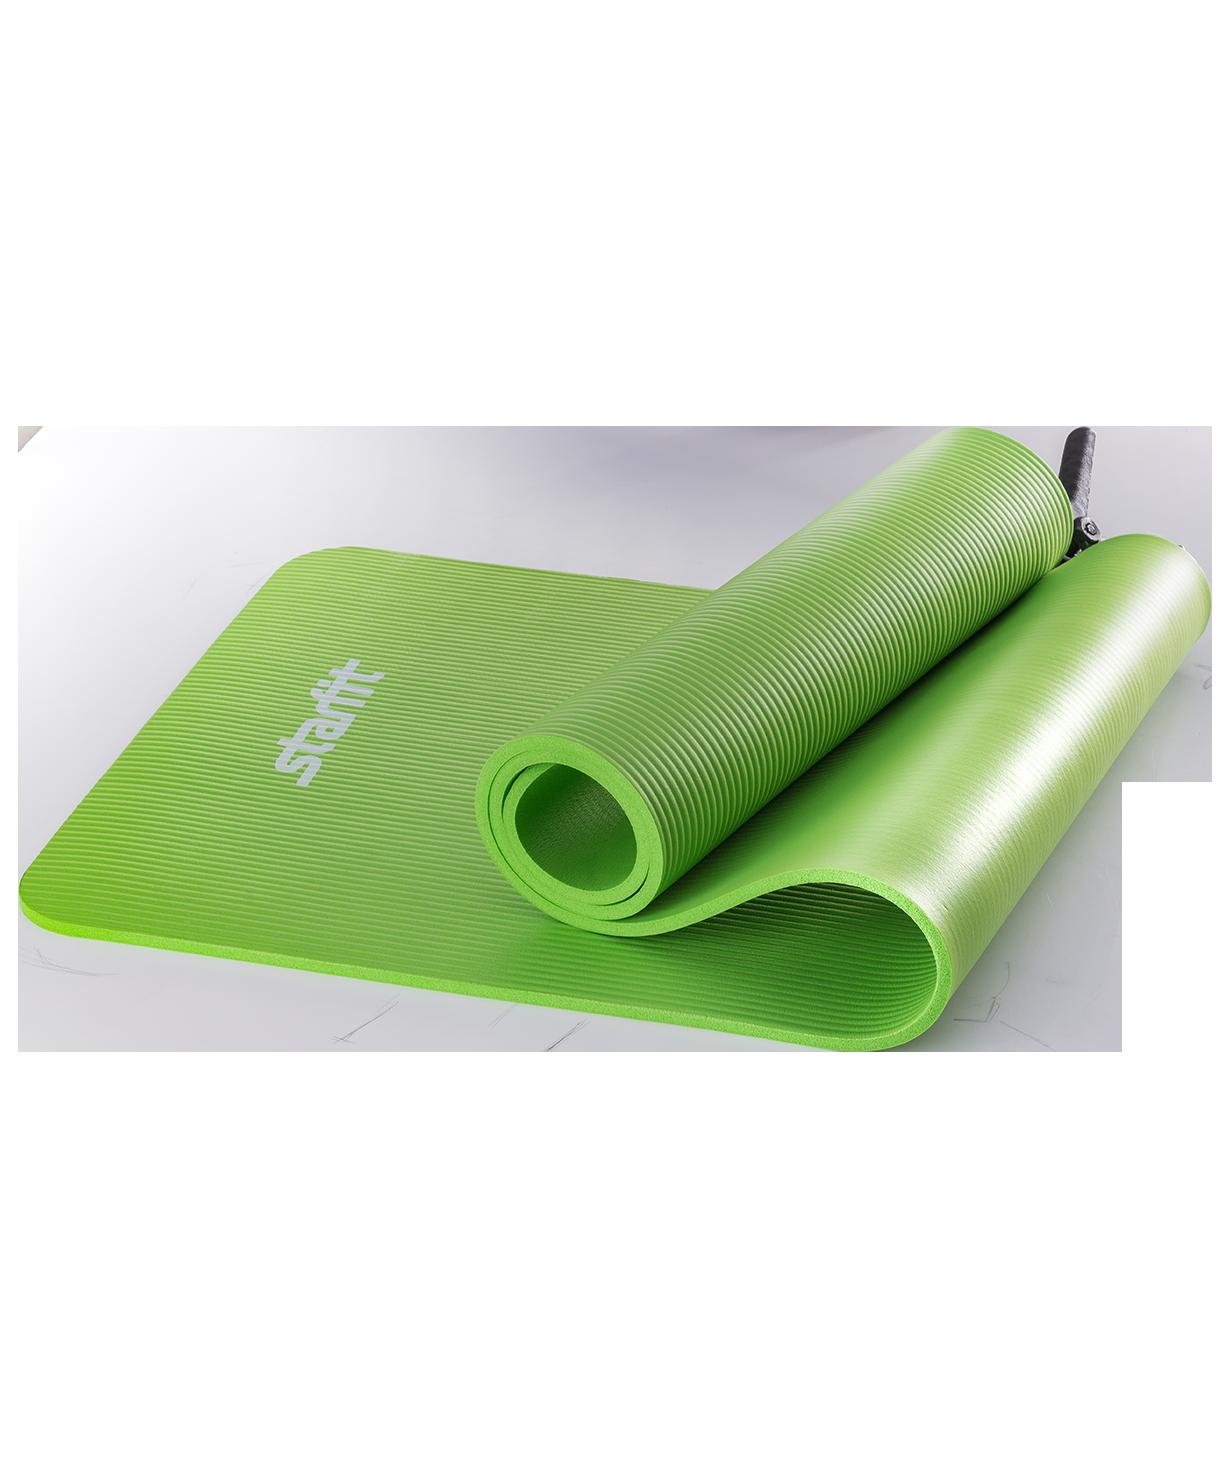 Коврик для йоги и фитнеса Yoga Star 1см (183 см, 1 см, зеленый, 60 см) коврик для йоги и фитнеса nbr go do 1 см 183 см 1 см черный 60 см